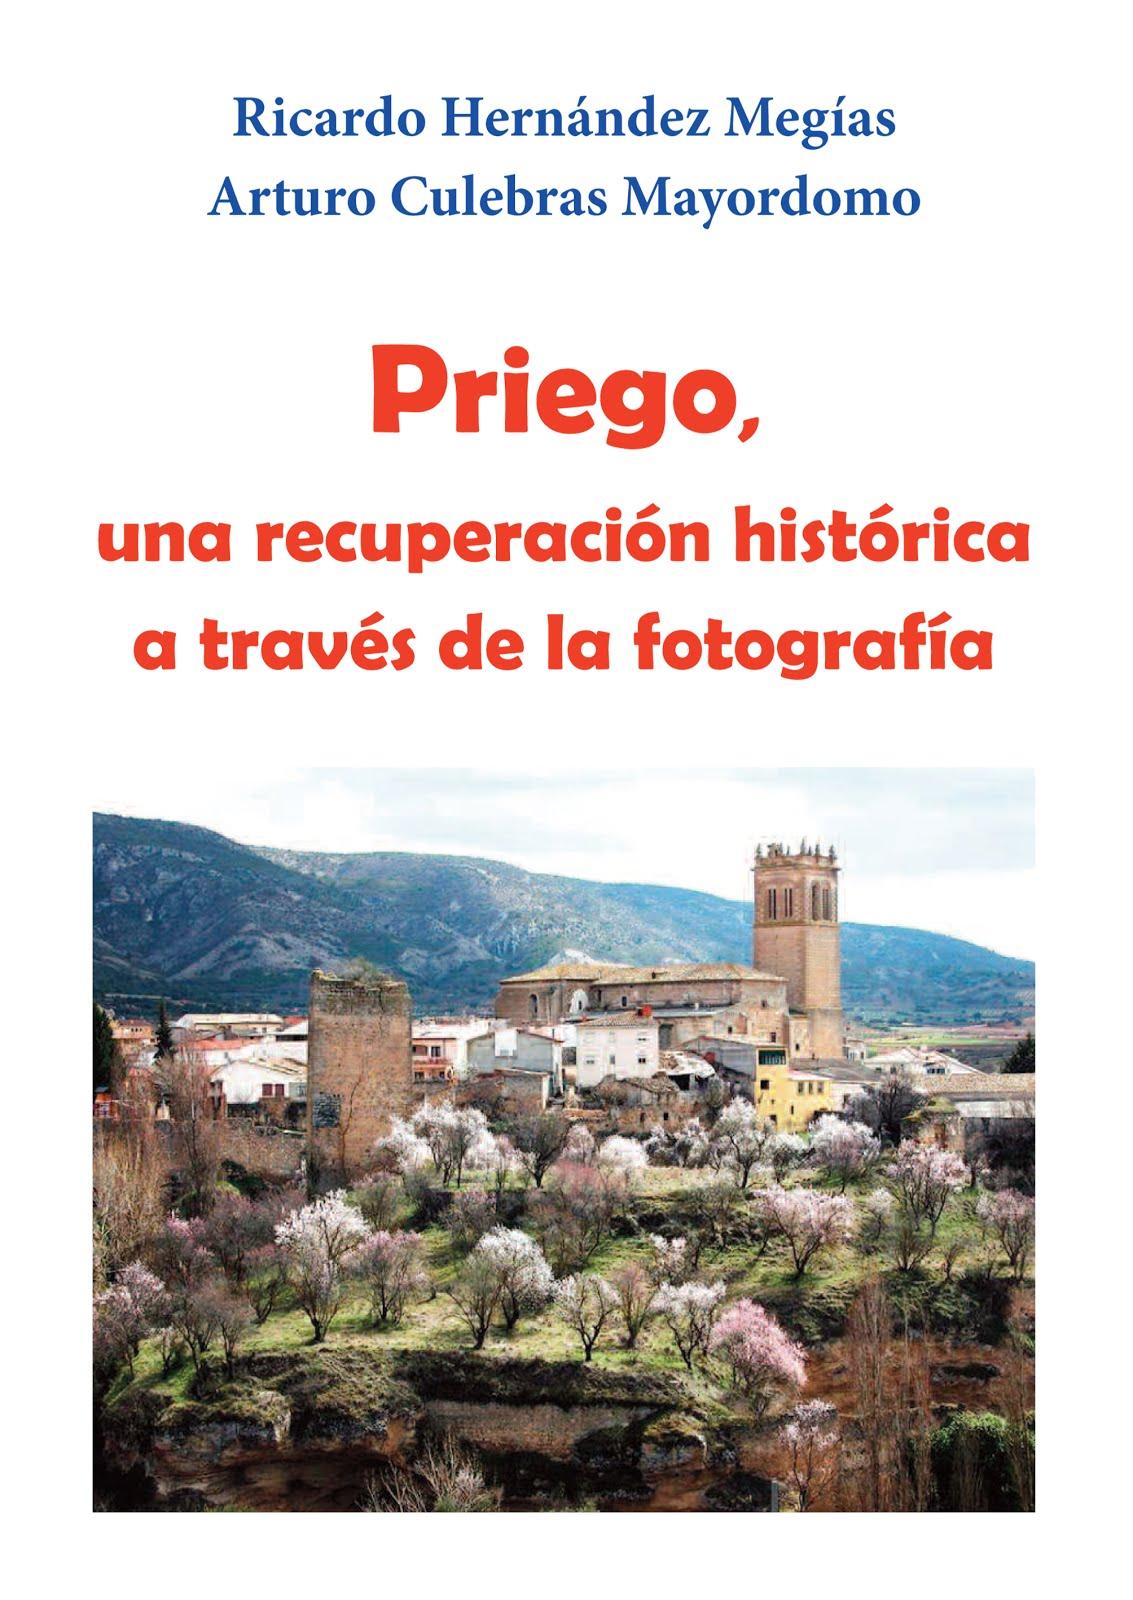 Priego, una recuperación histórica a través de la fotografía